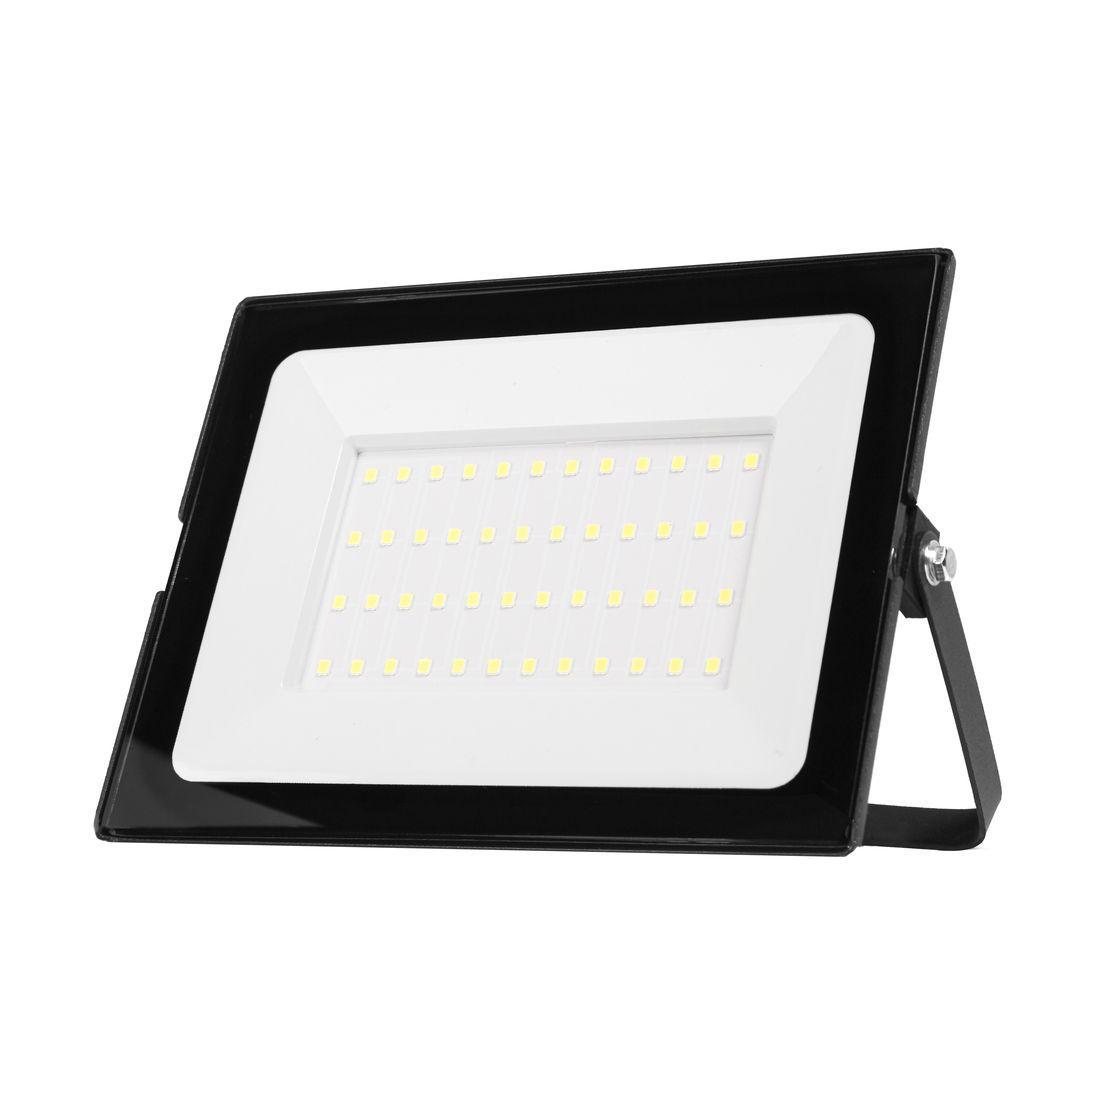 Прожектор LED SMD Ultraflash LFL-5001 C02 (50Вт, 6500К)